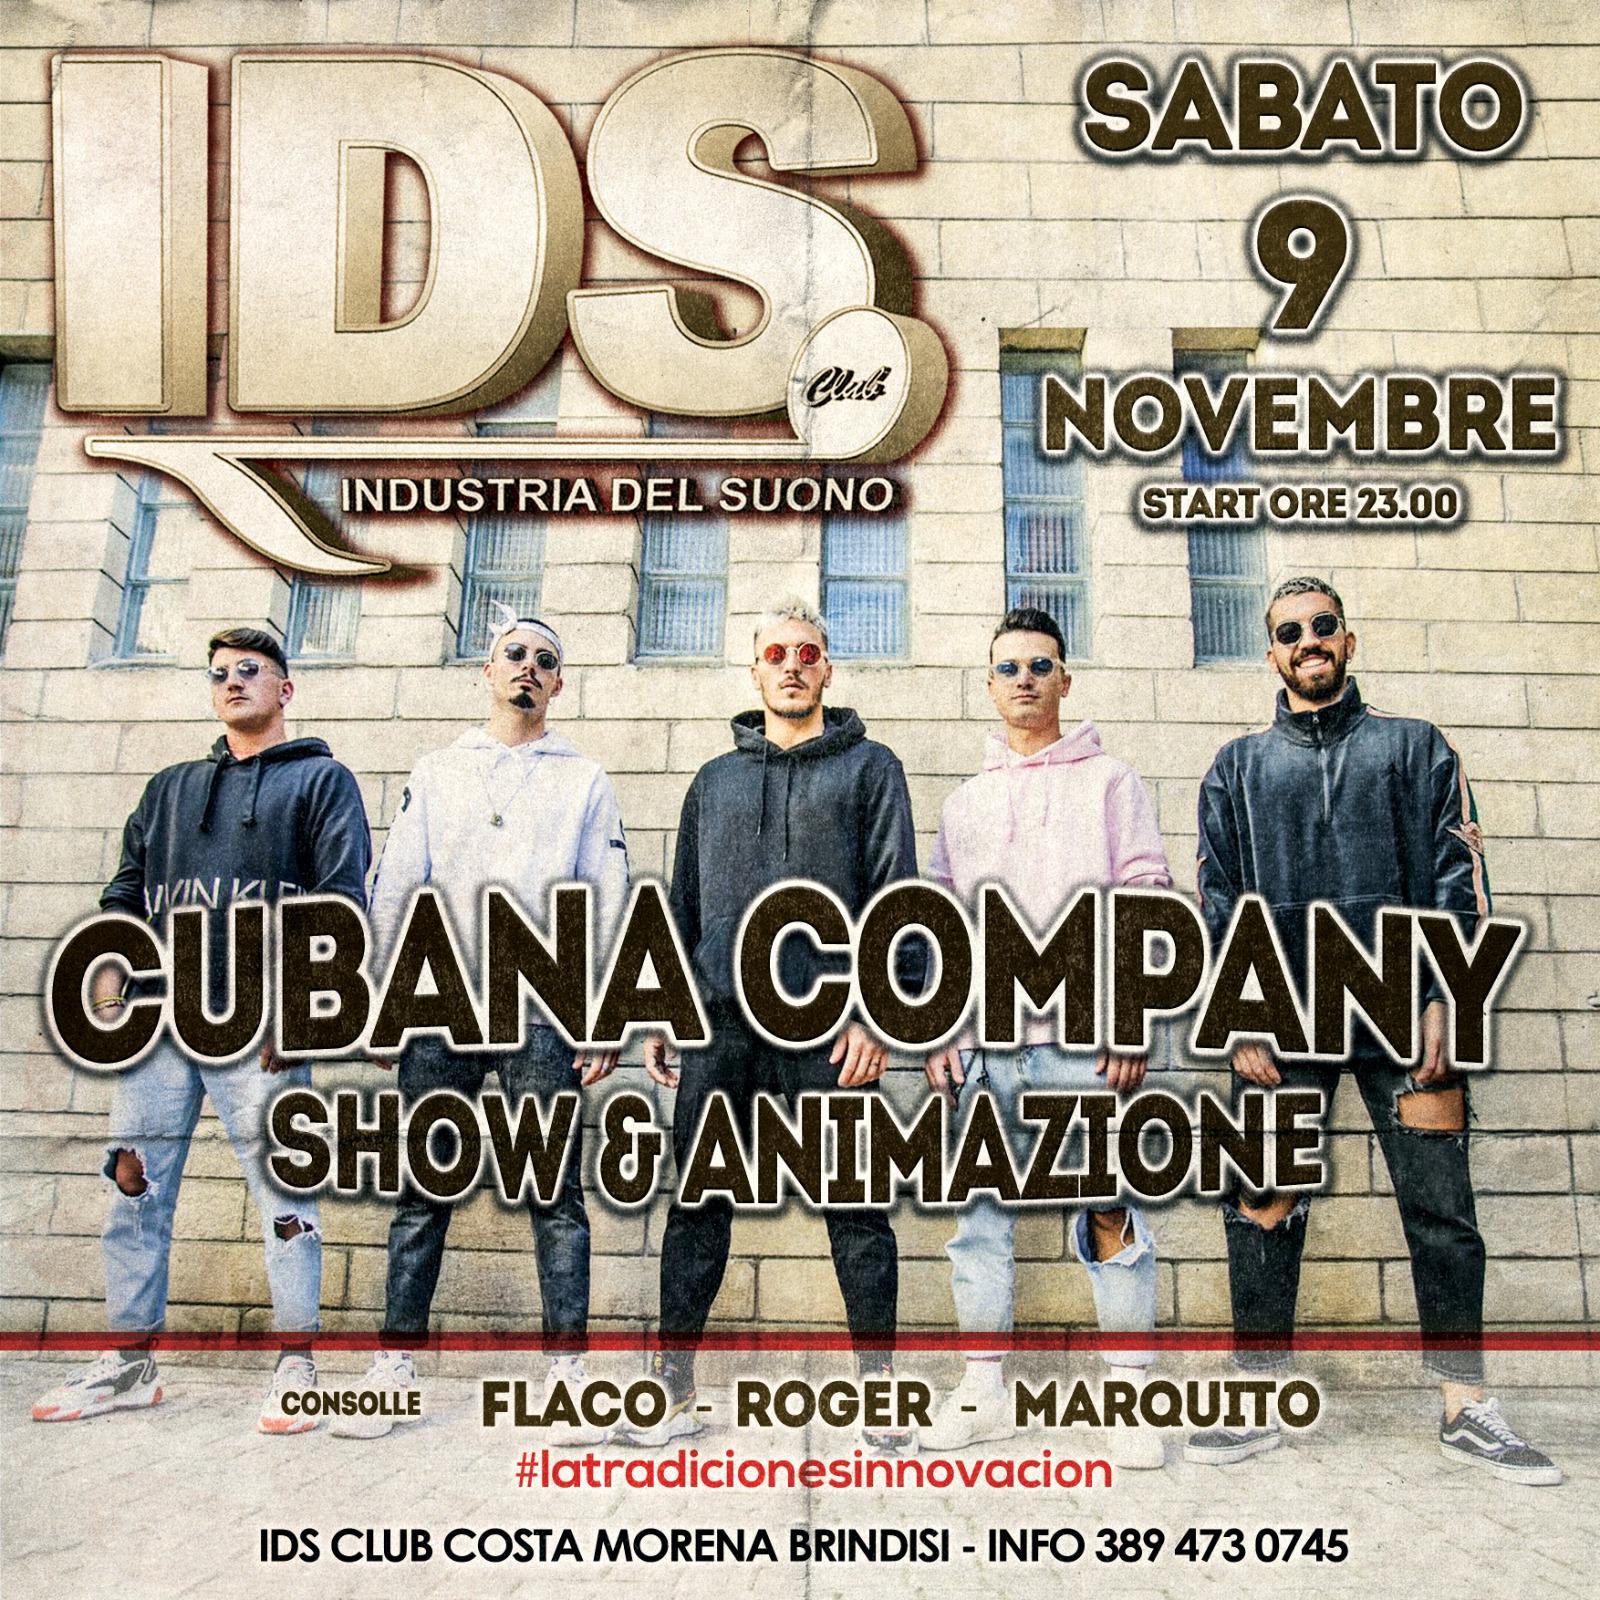 Tradizione e innovazione all'Ids. Sabato 9 novembre, spettacolo con 3 dj storici e la Cubana Company